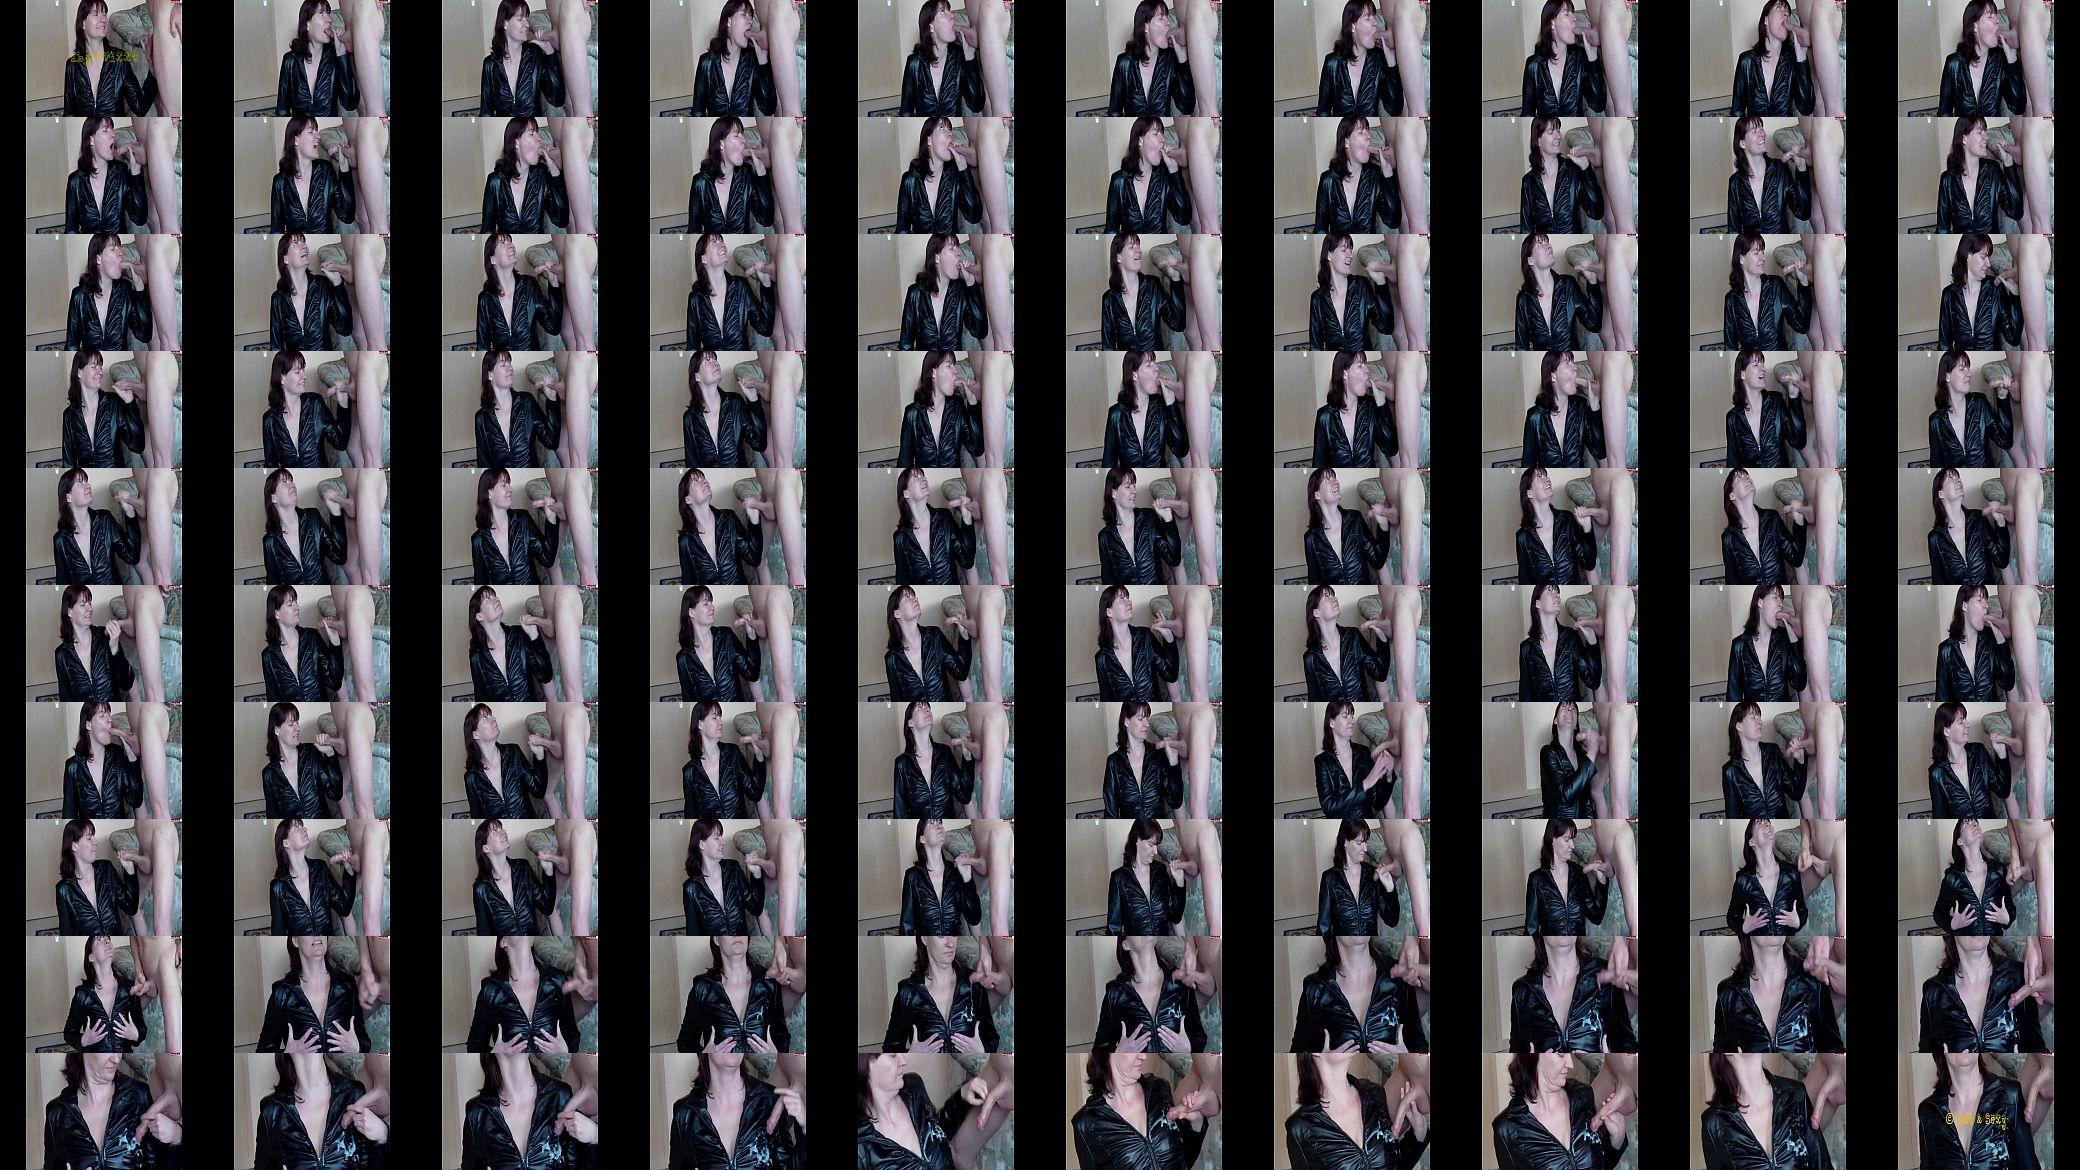 Acabadas En El Vestido Porn acabada en la campera de cuero 2 - xvideos